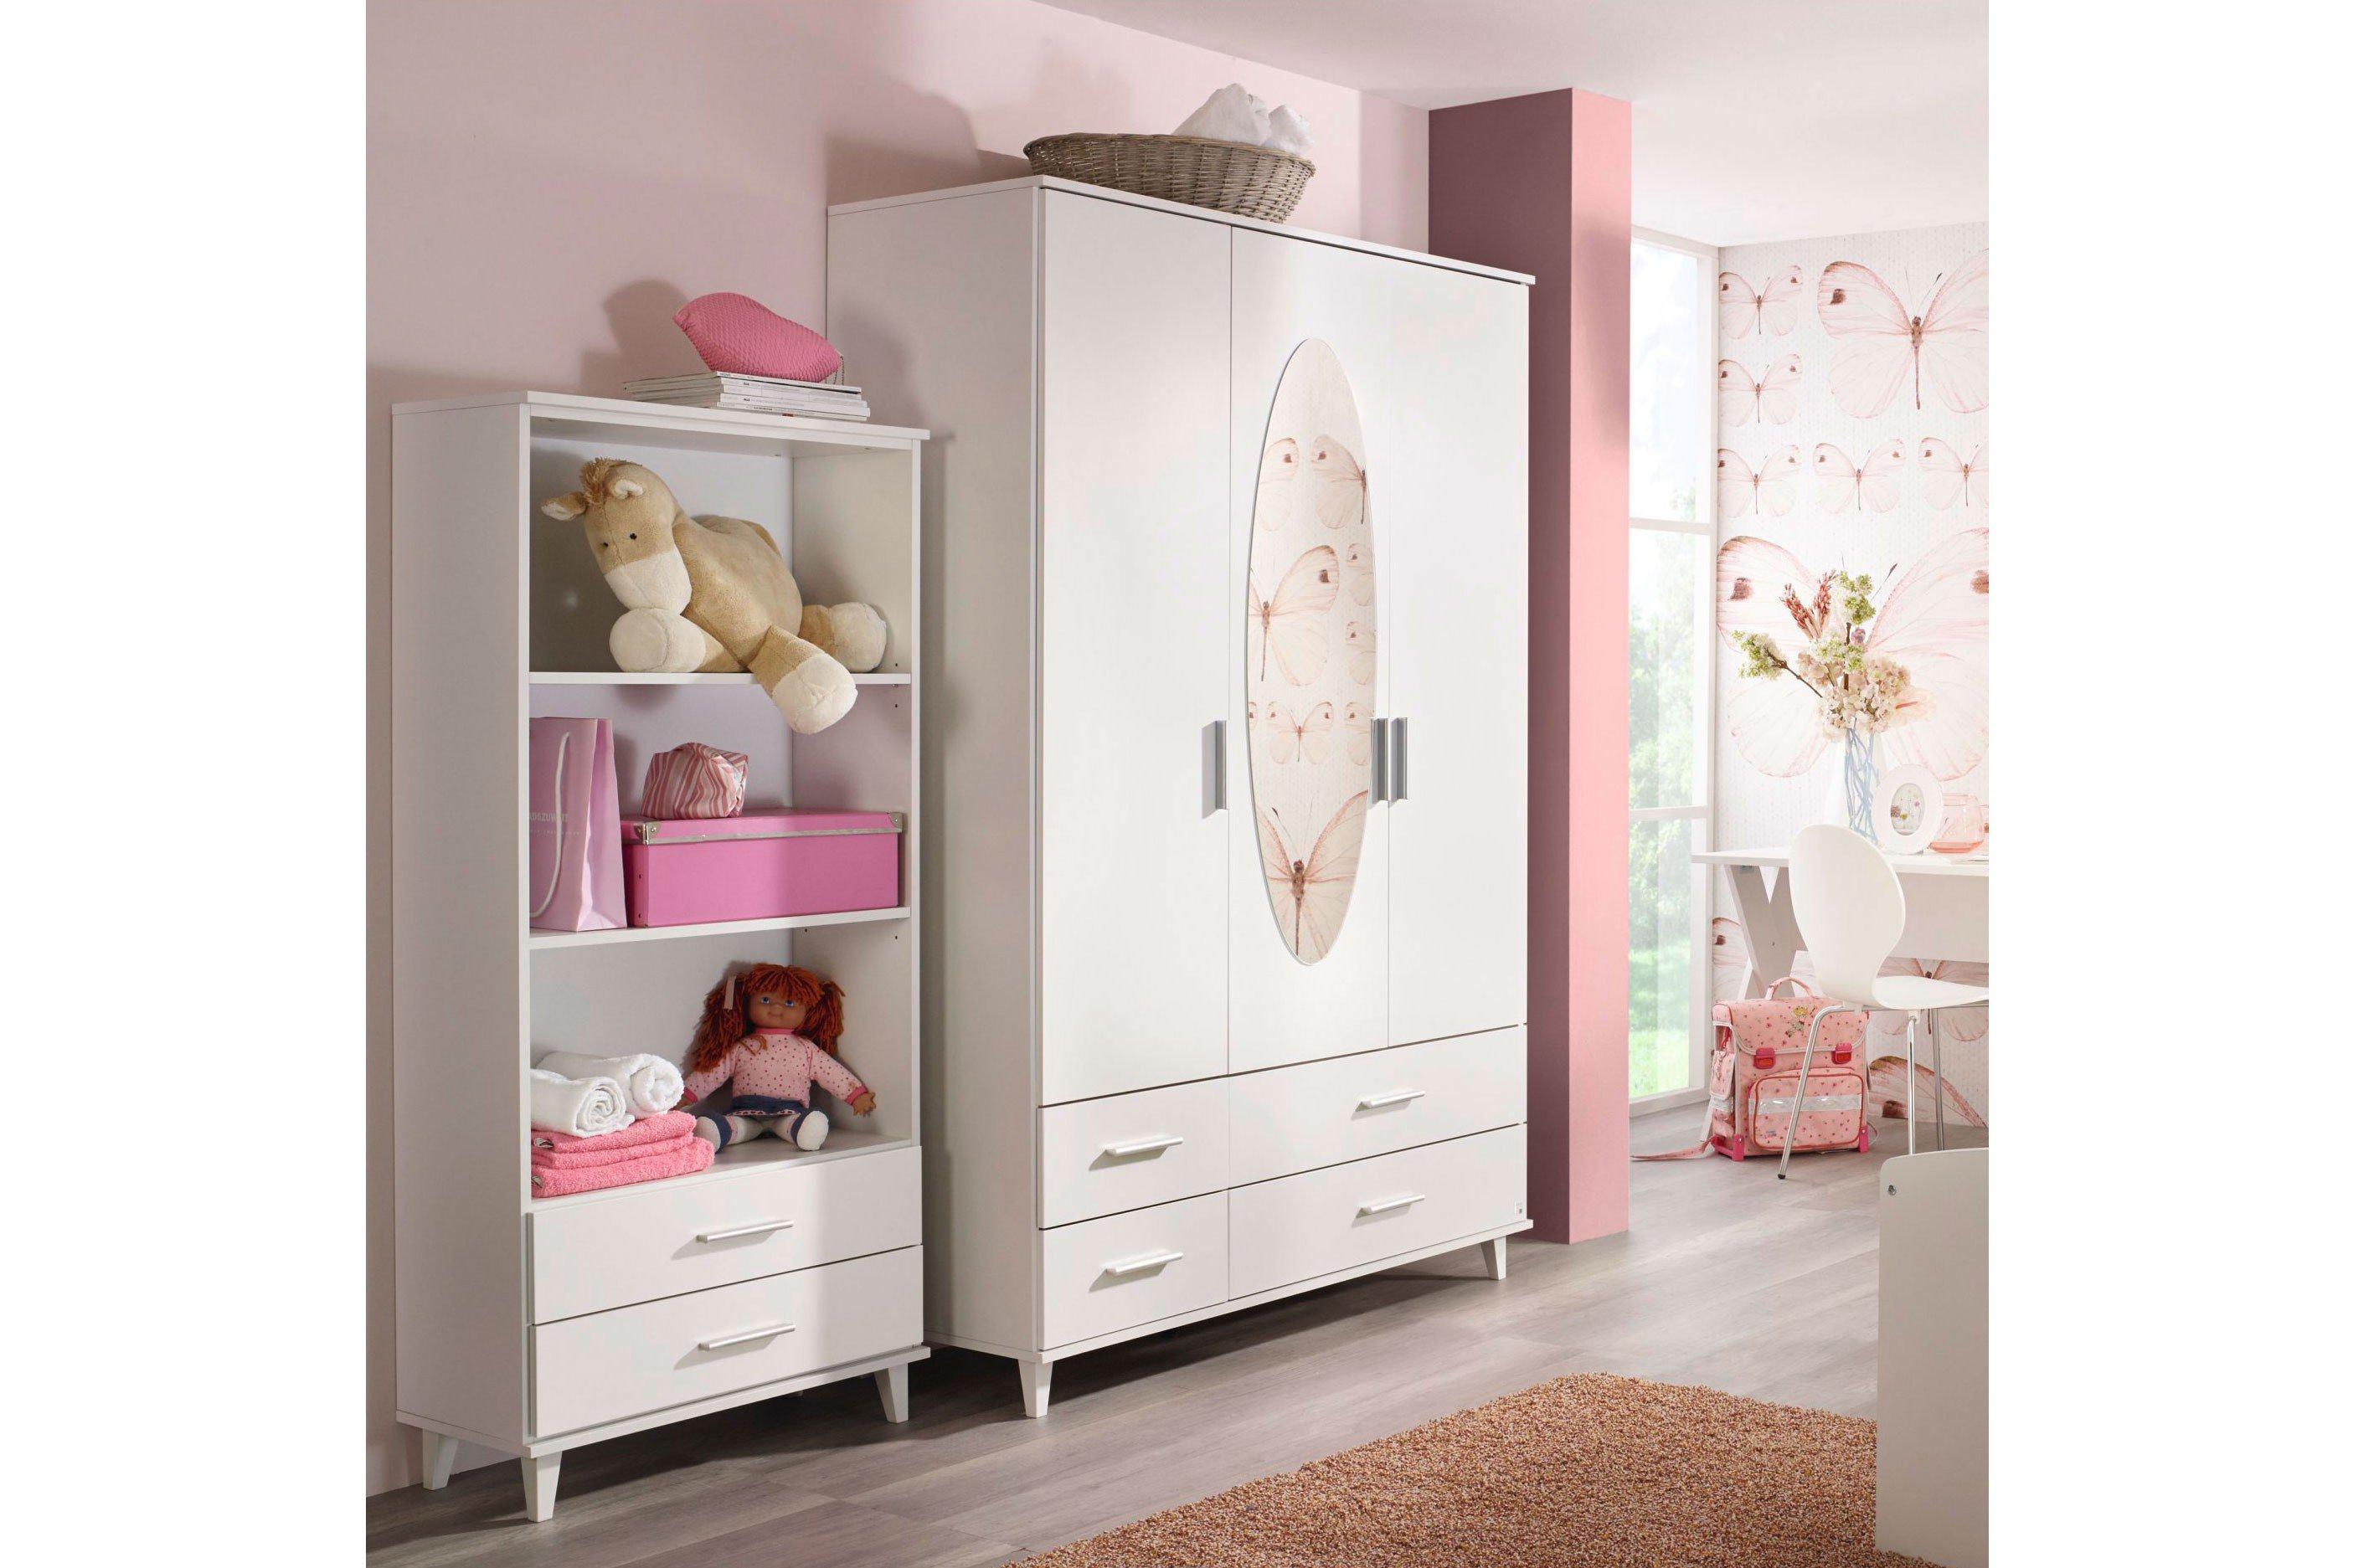 rauch aik kleiderschrank wei spiegelauflage m bel letz ihr online shop. Black Bedroom Furniture Sets. Home Design Ideas